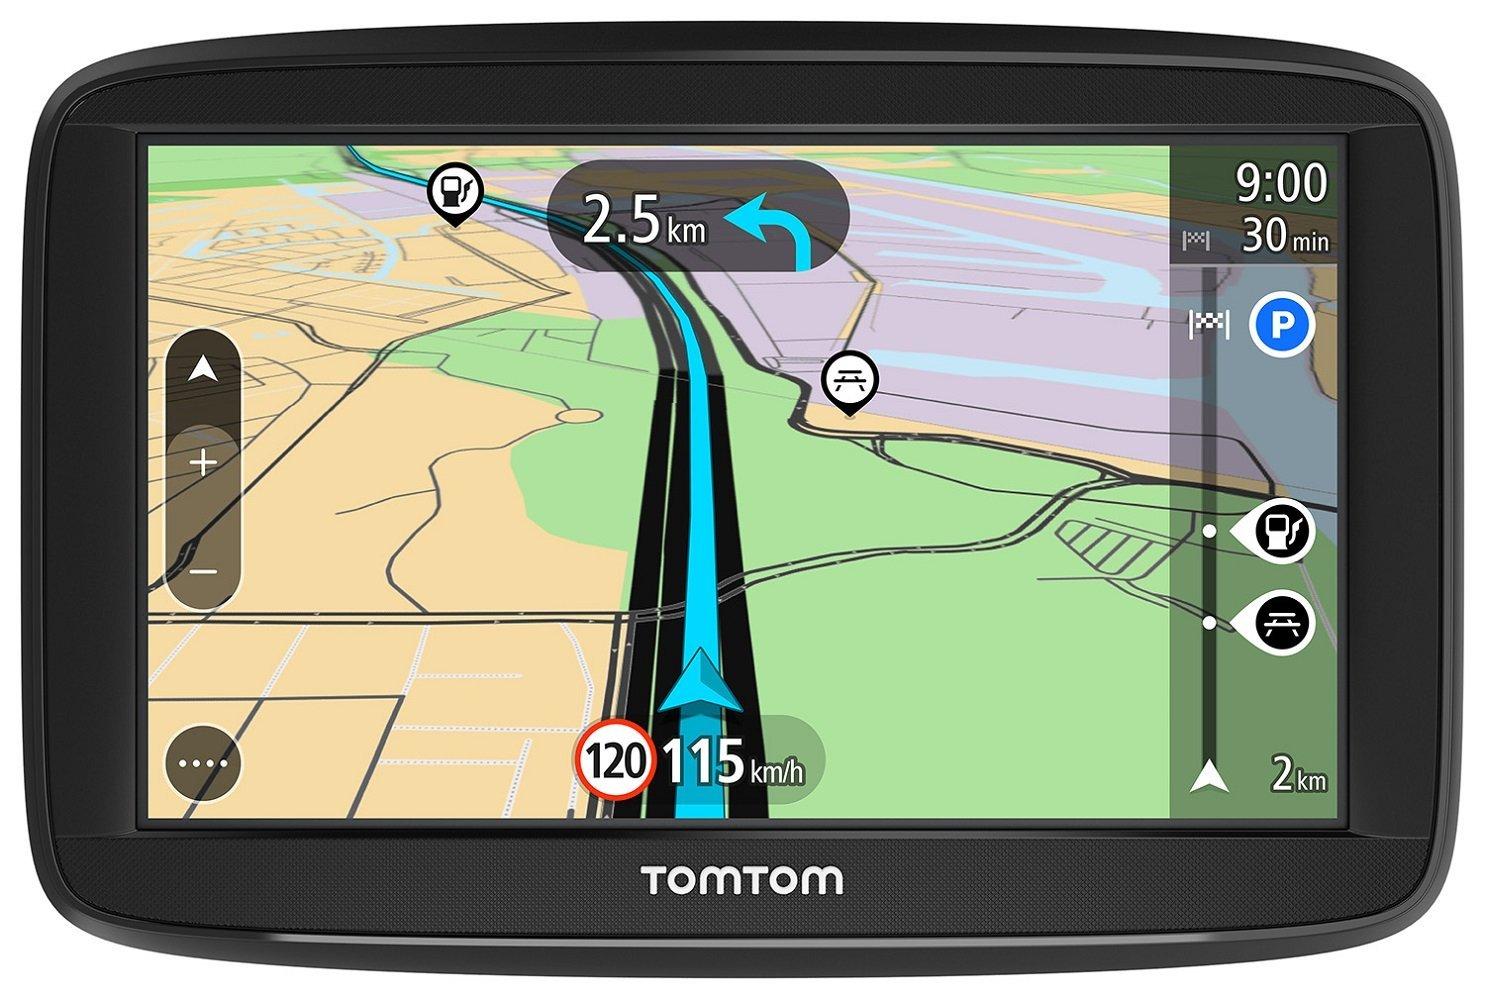 mapa tomtom portugal Mapa TomTom: Amazon.es mapa tomtom portugal